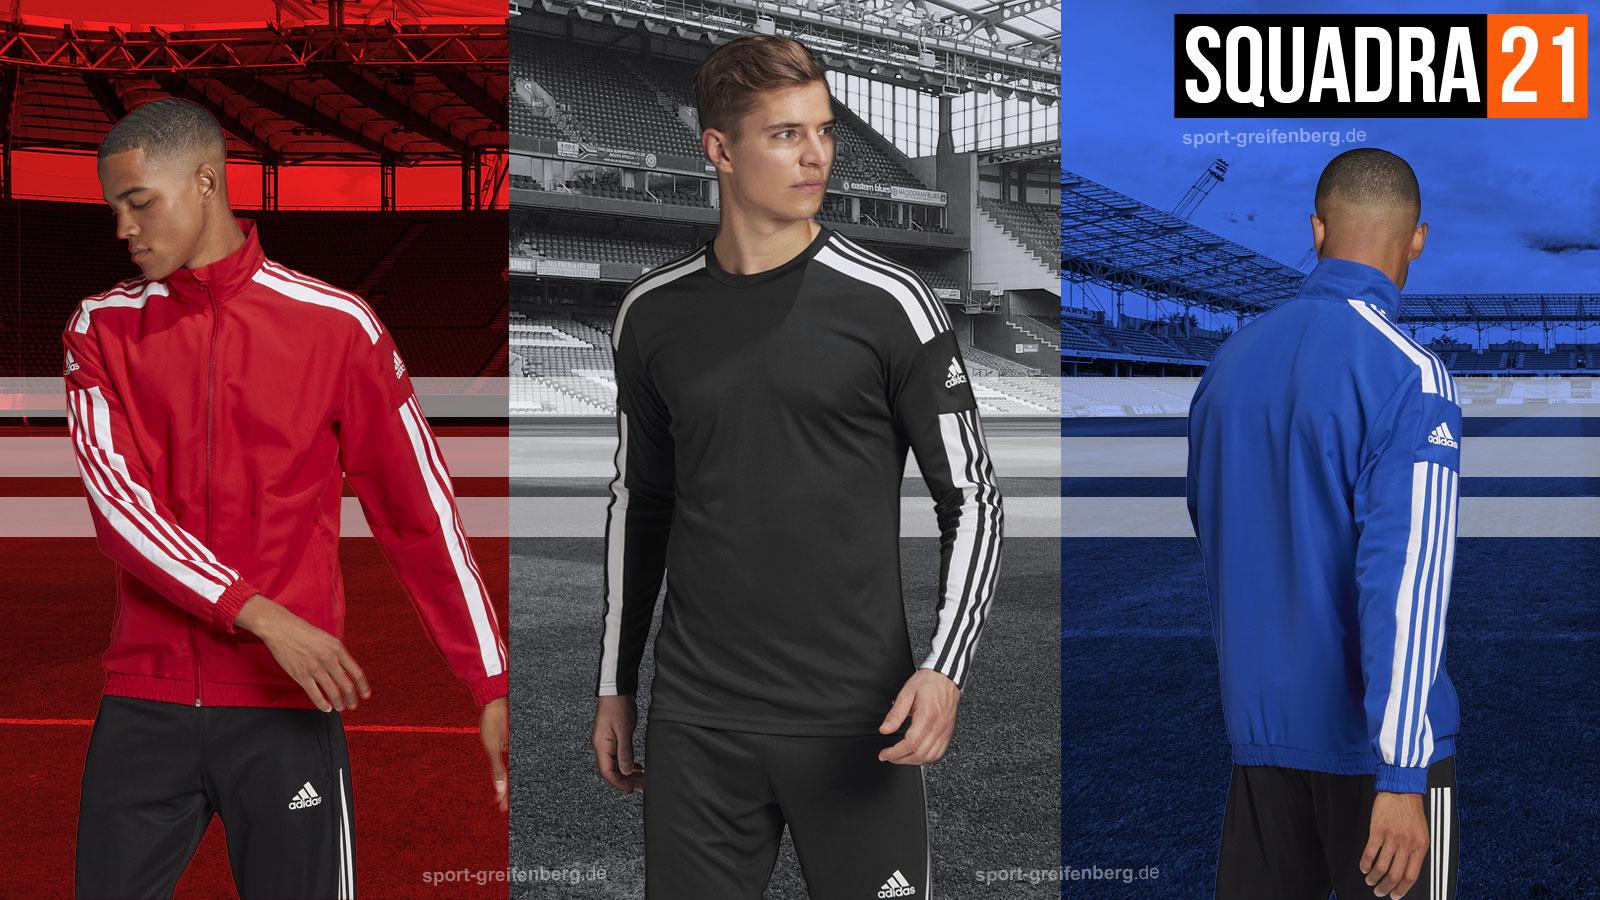 adidas Squadra 21 Sportbekleidung für dein Team bestellen